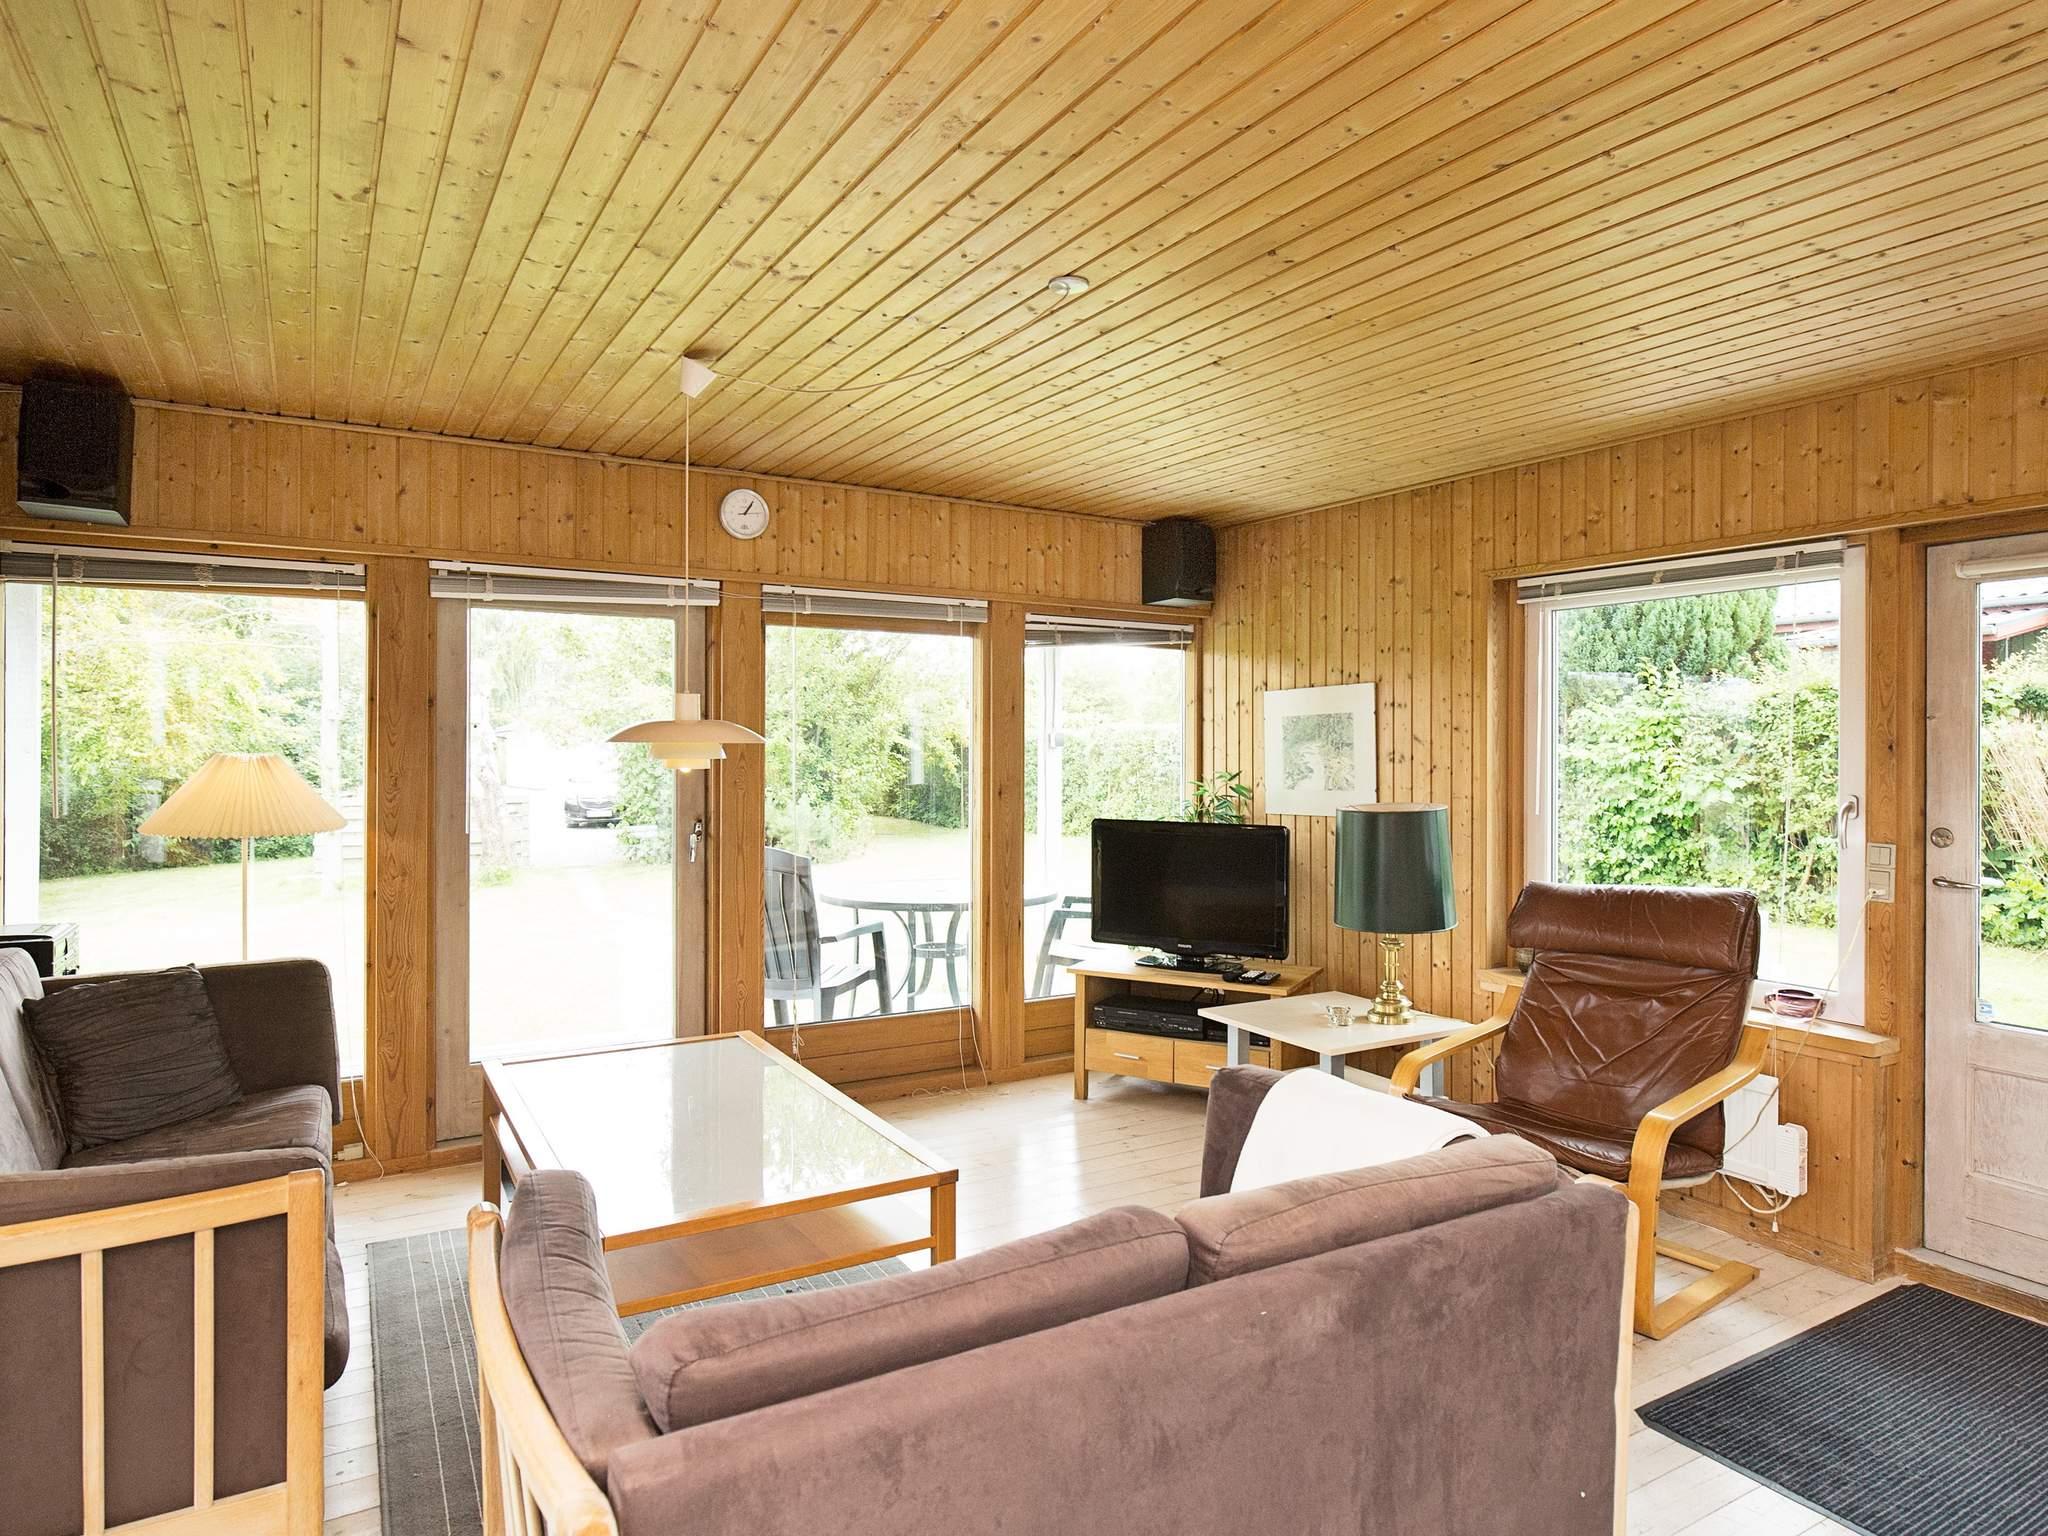 Ferienhaus Enø (85461), Karrebæksminde, , Südseeland, Dänemark, Bild 12